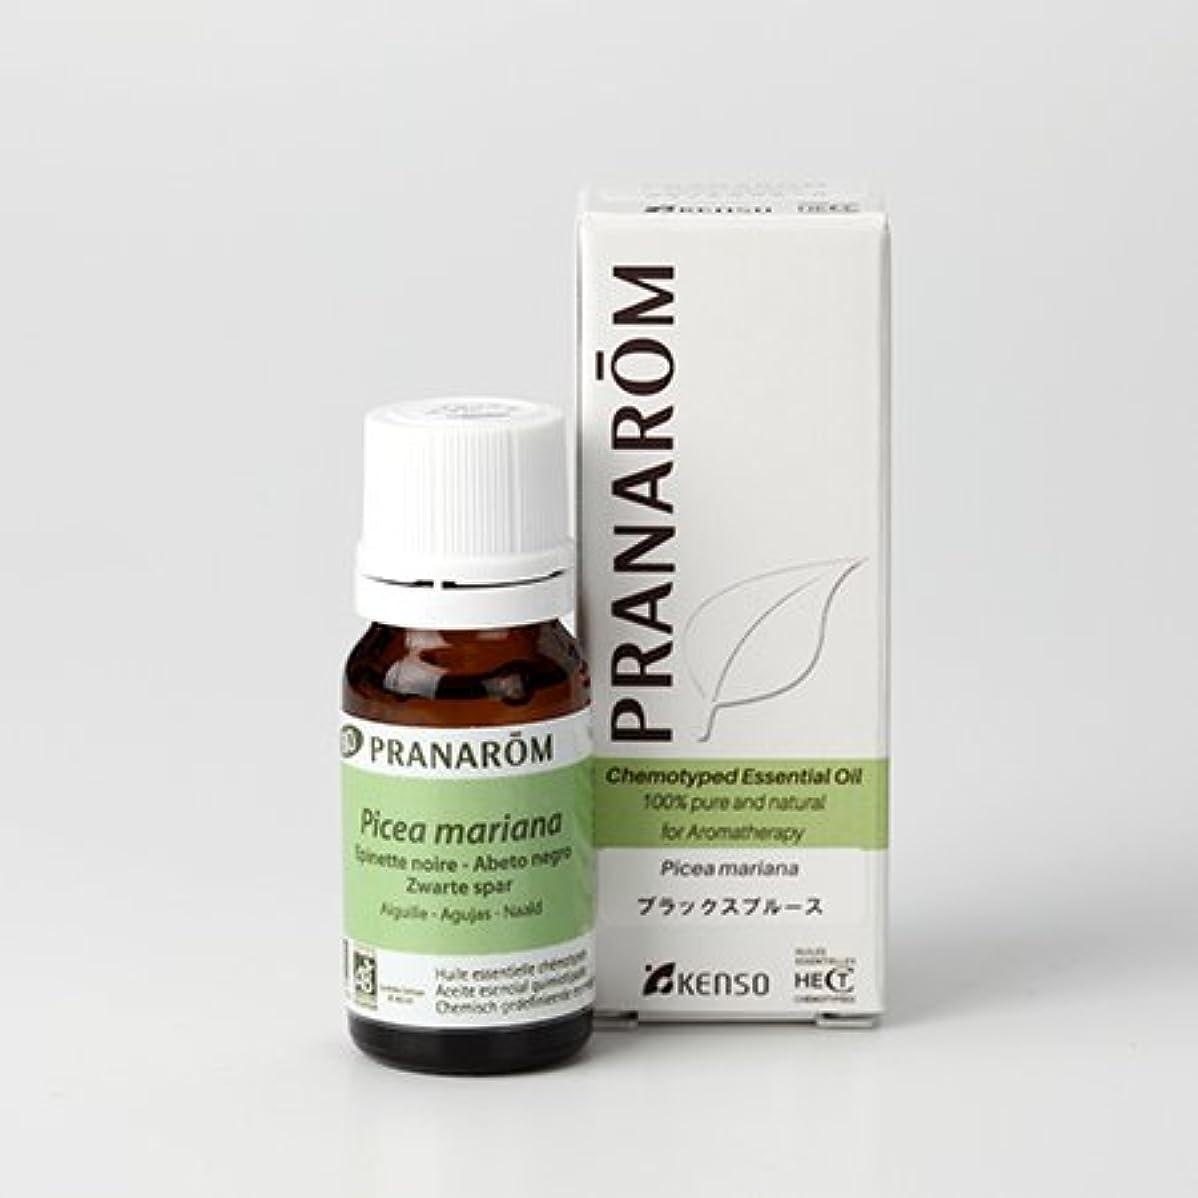 不良硫黄怪しいプラナロム ( PRANAROM ) 精油 ブラックスプルース 10ml p-146